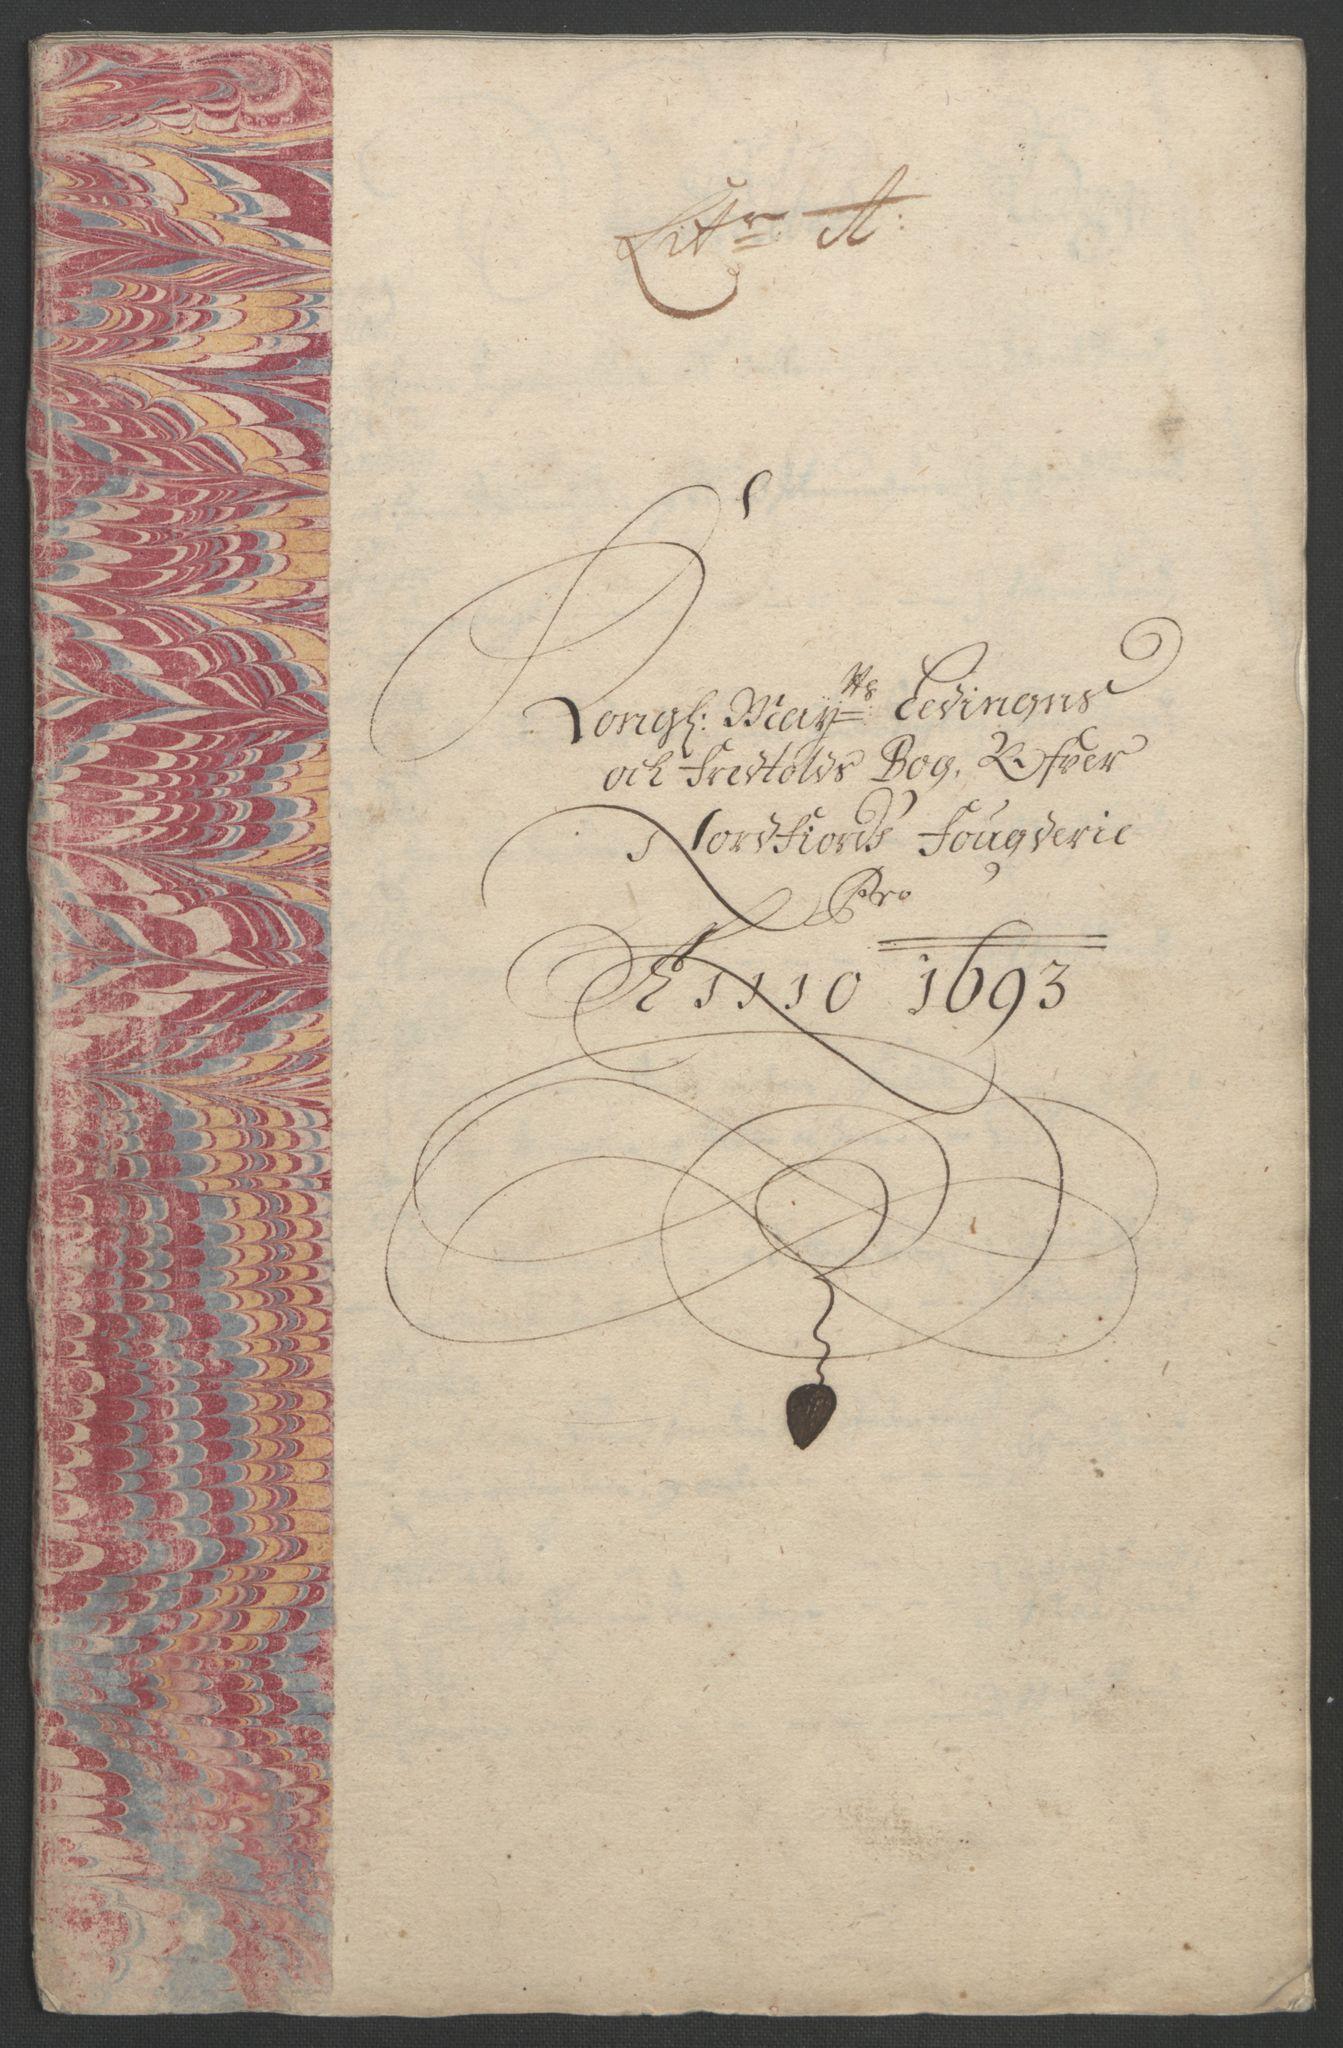 RA, Rentekammeret inntil 1814, Reviderte regnskaper, Fogderegnskap, R53/L3421: Fogderegnskap Sunn- og Nordfjord, 1693-1694, s. 127